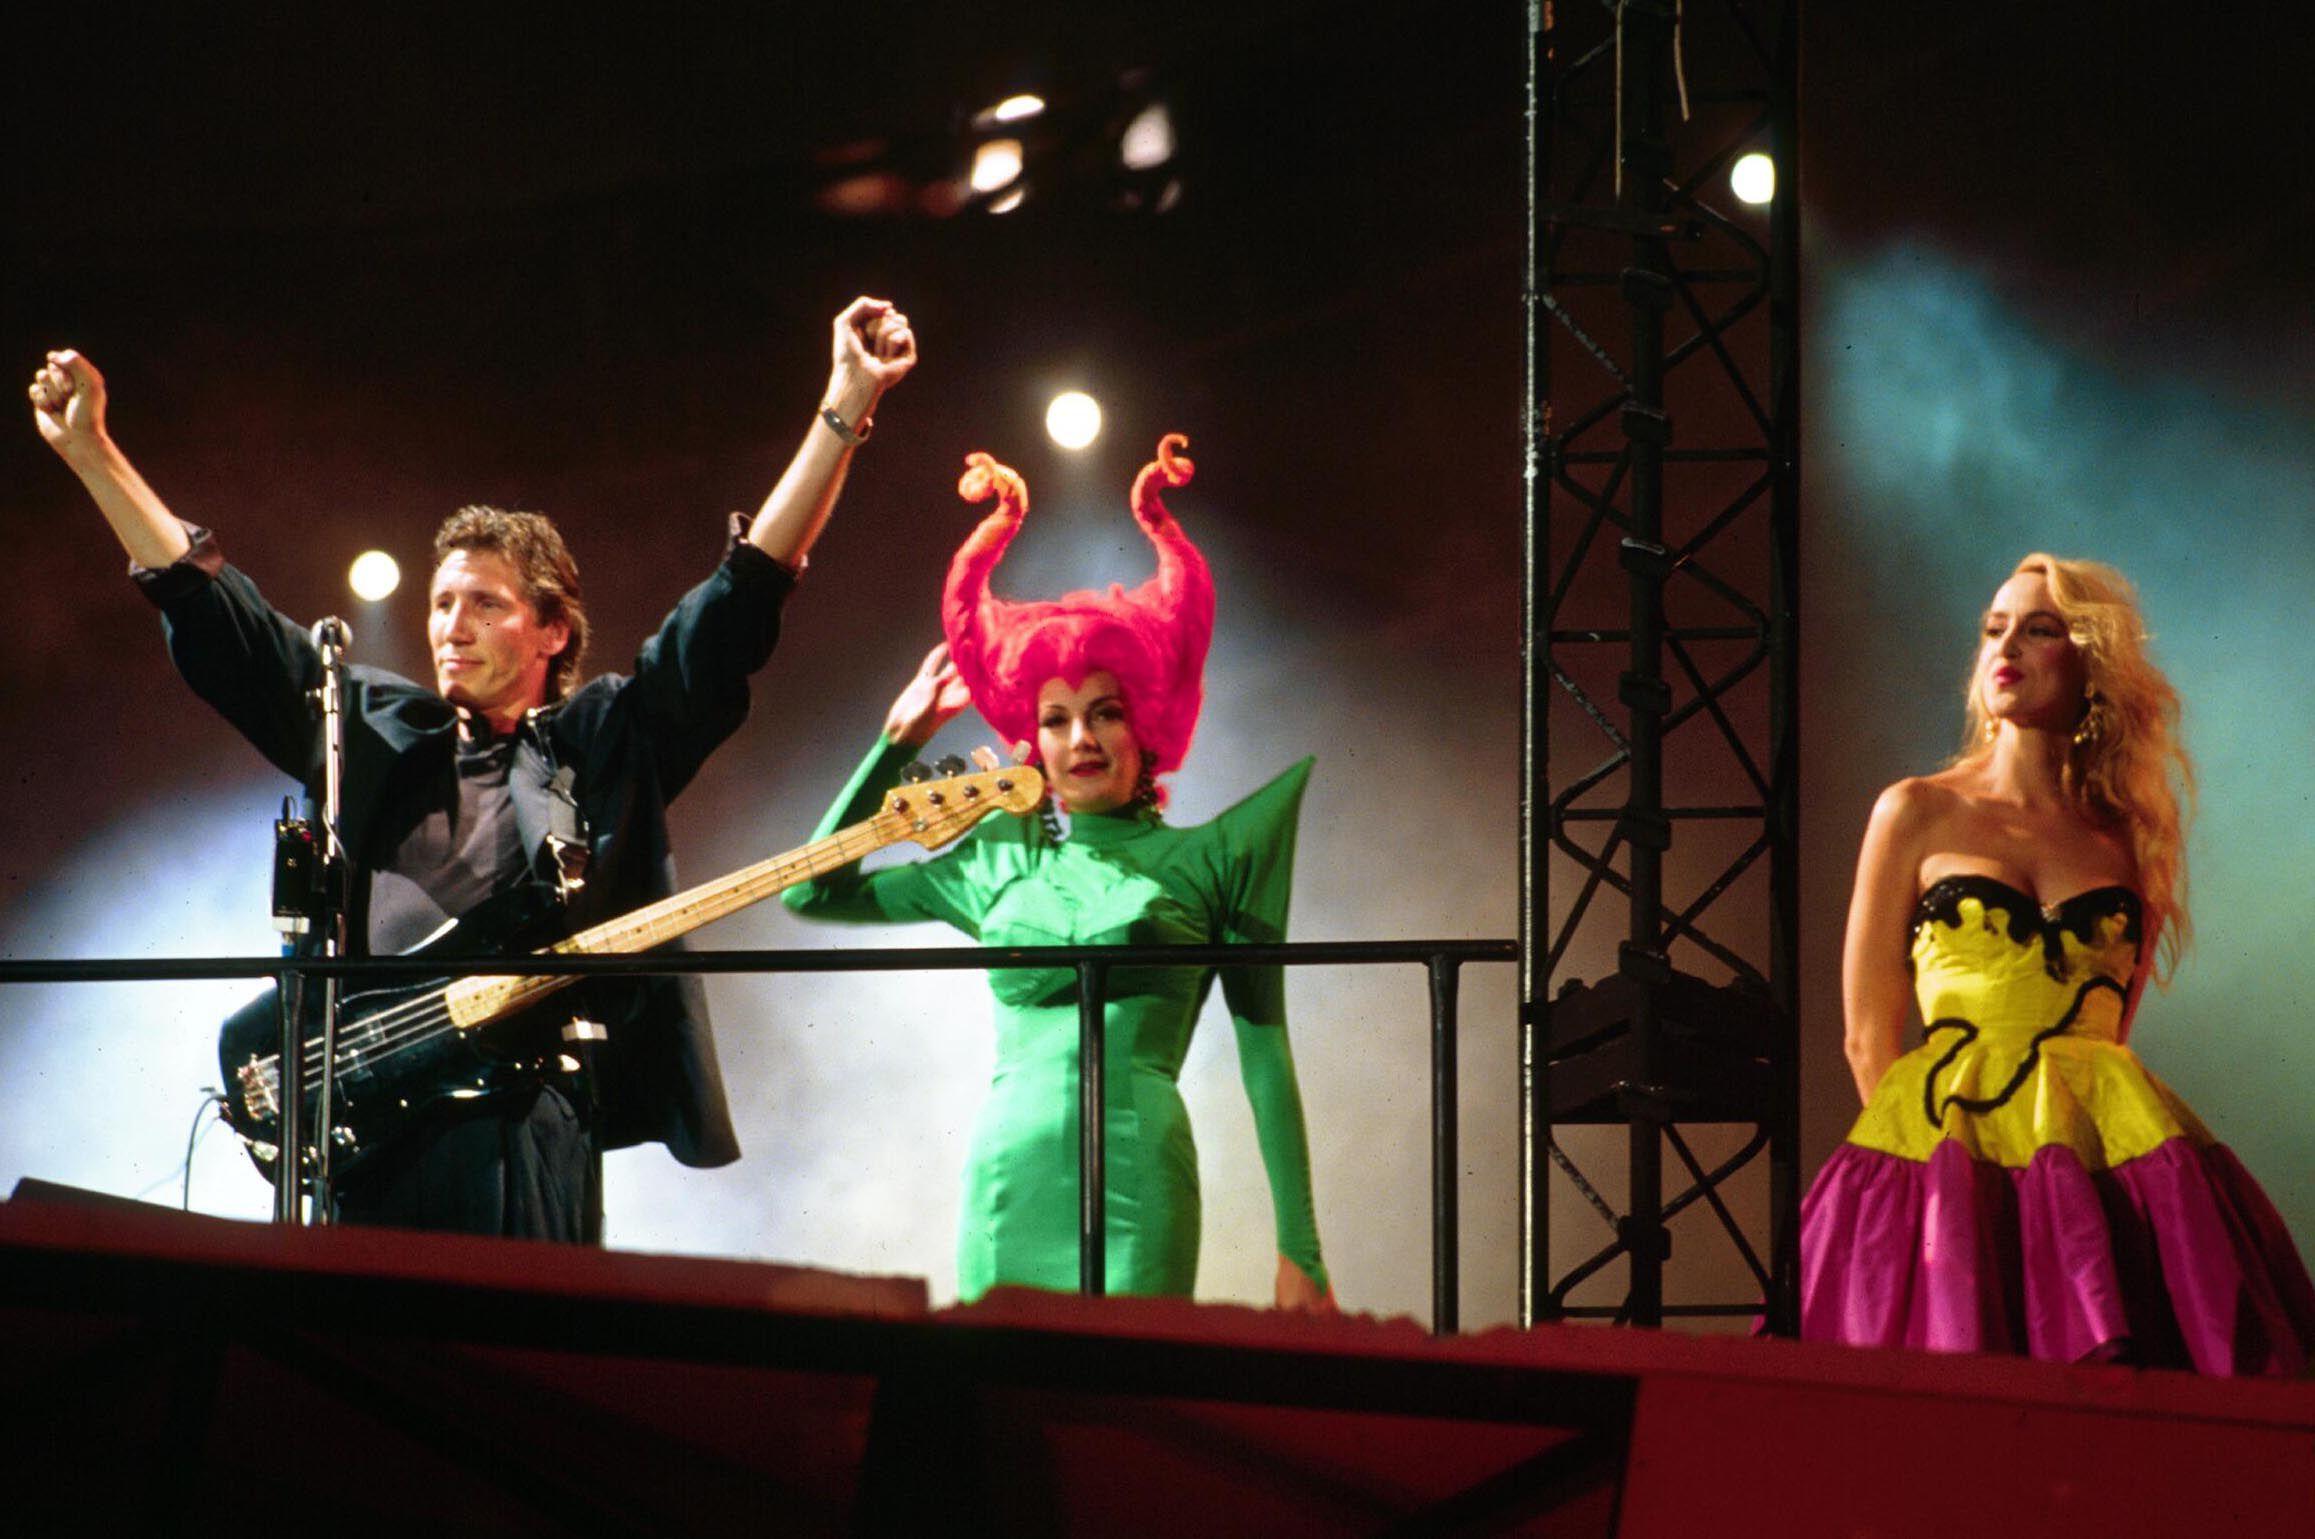 Roger Waters junto Jerry Hall, en el concierto The Wall, realizado en Postdamer Platz en julio de 1990 para celebrar la caída del muro.